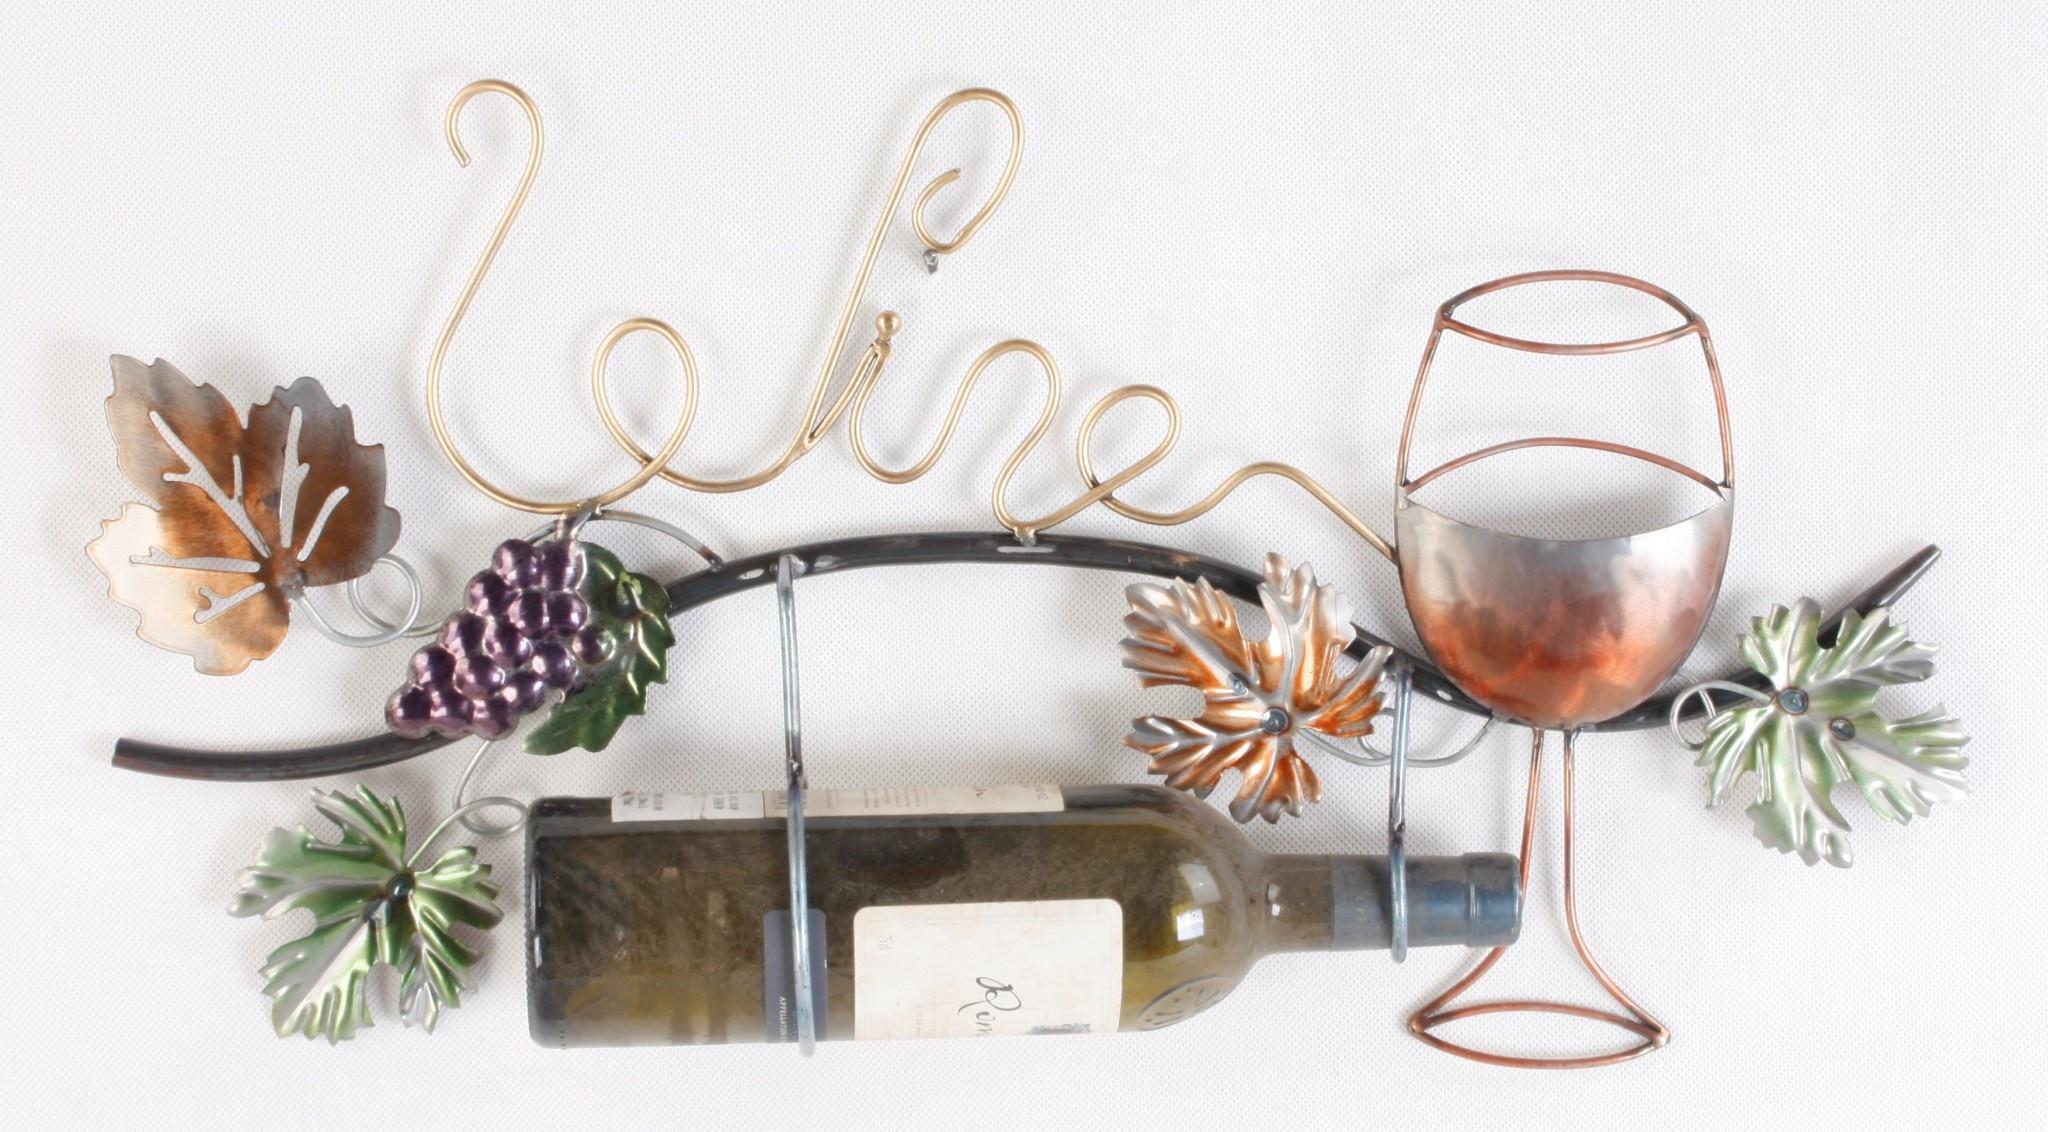 Wanddecoratie wijnrank met fleshouder